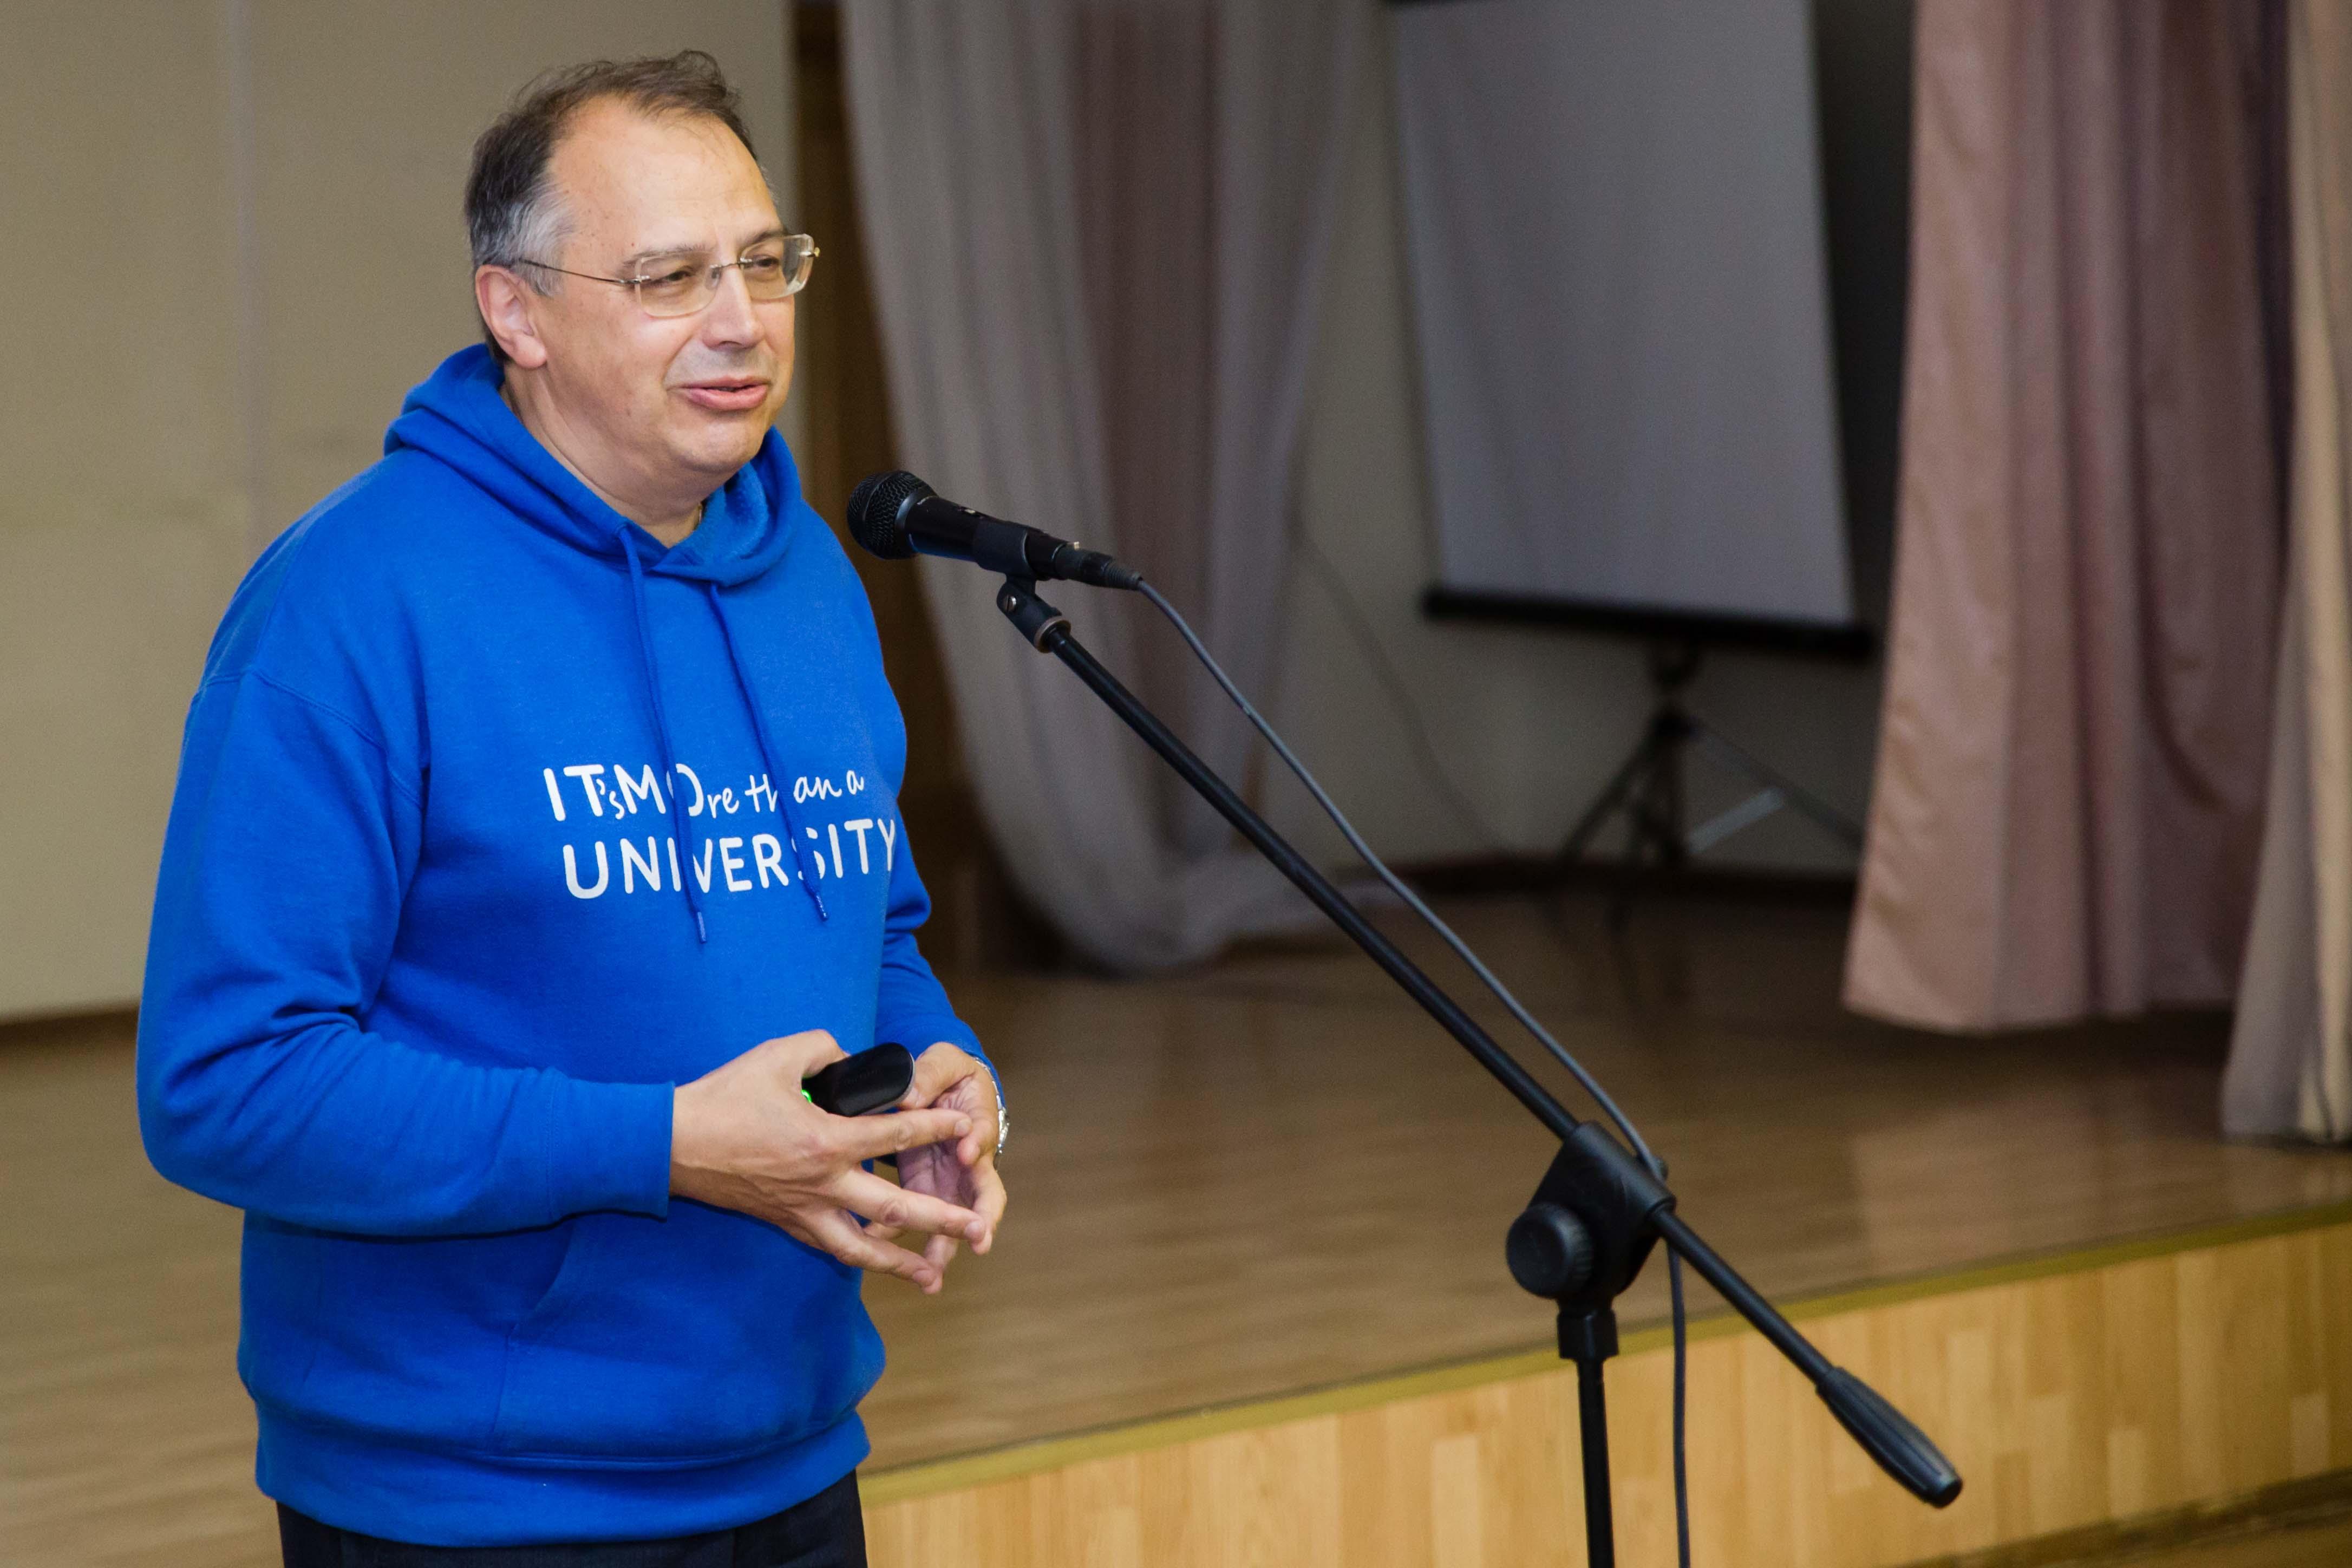 Университет ИТМО. Сергей Стафеев